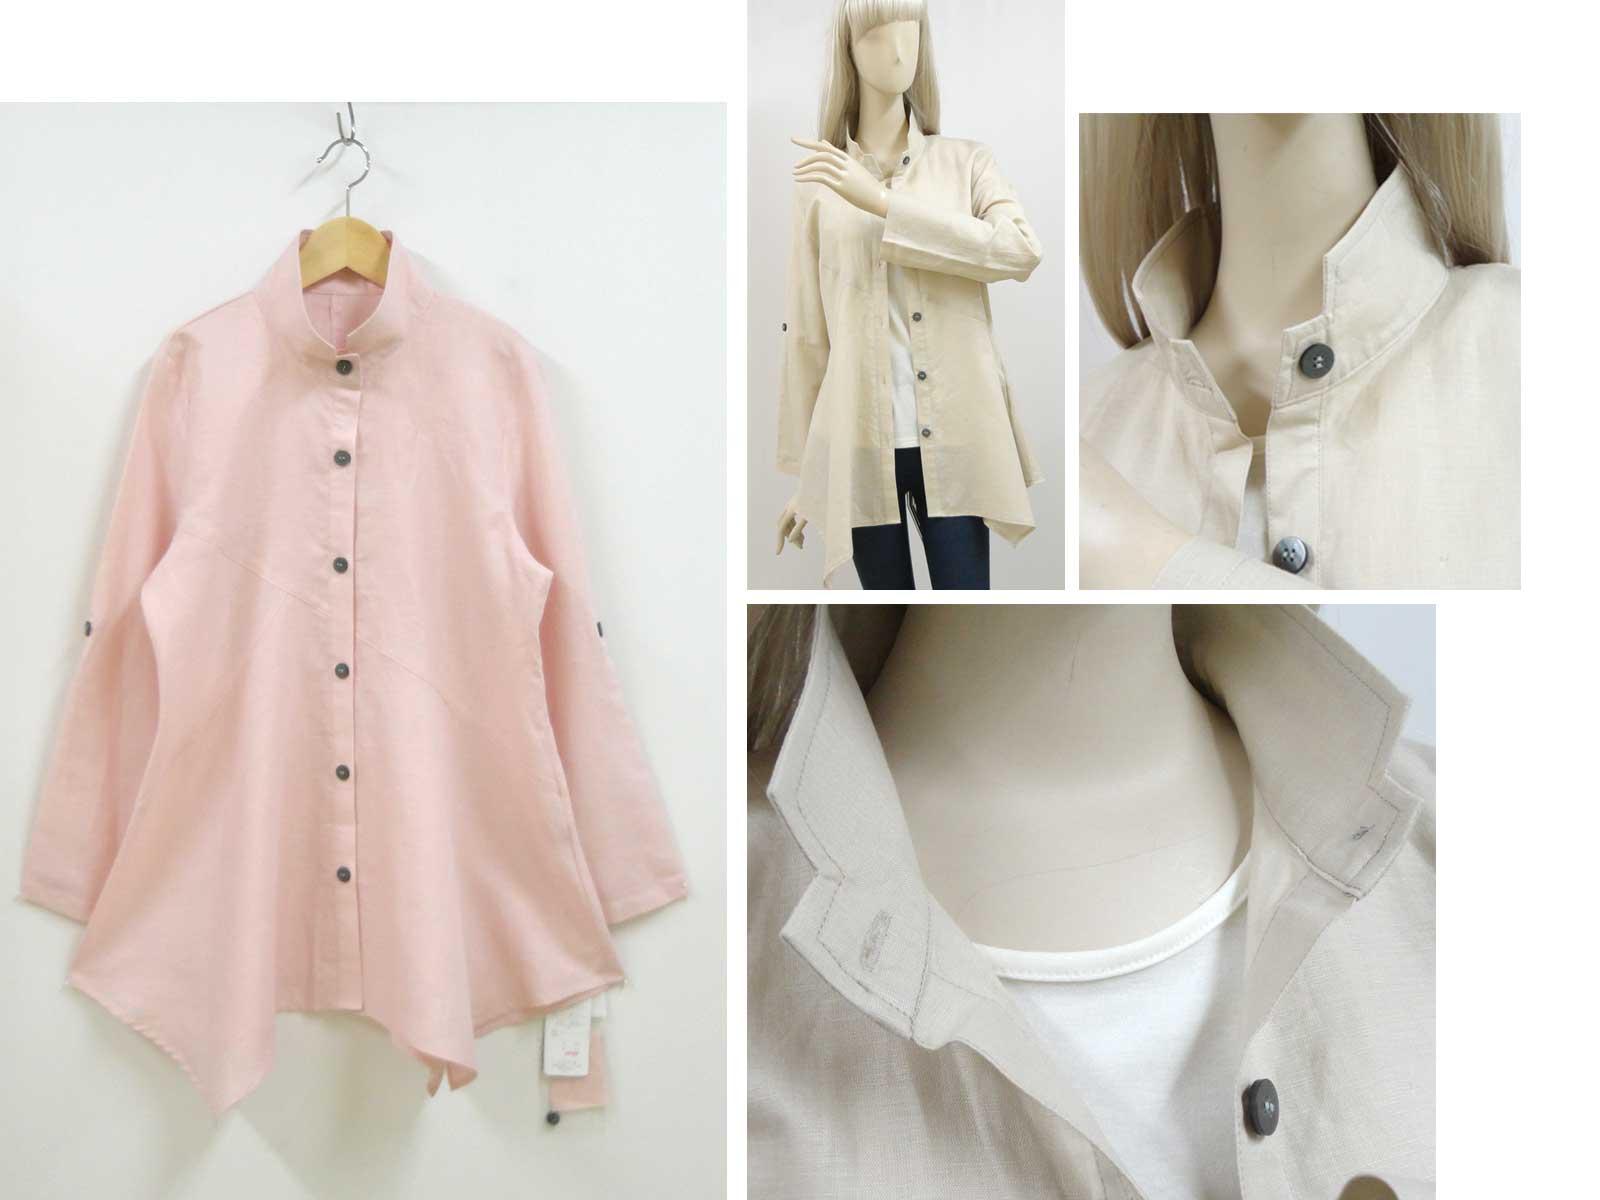 611綿麻素材シャツのピンクとコーディネート画像襟の拡大b